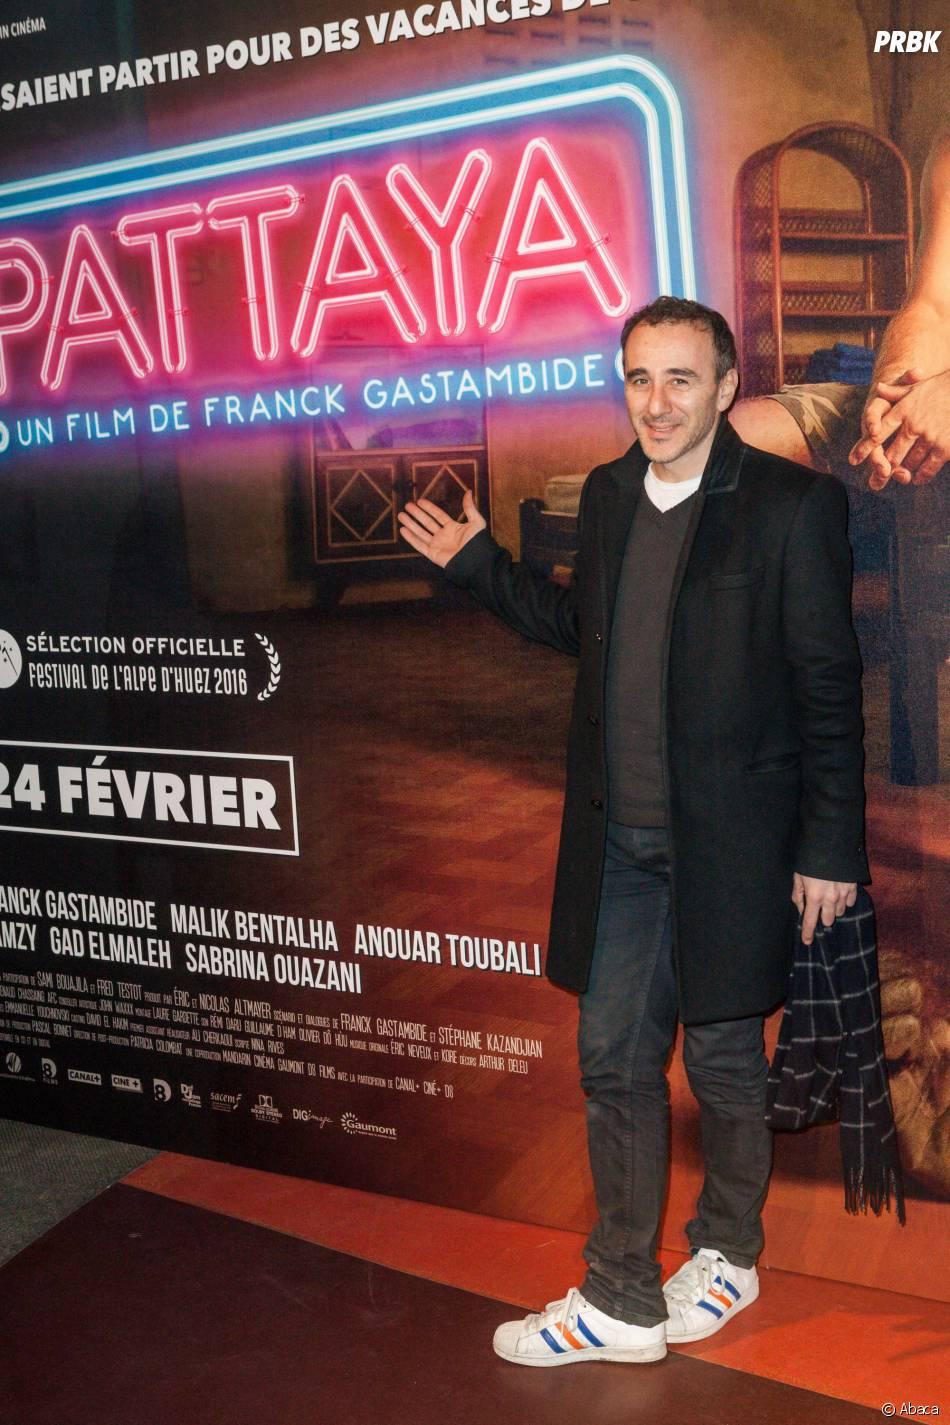 Elie Semoun à l'avant-première du film Pattaya au Gaumont Opéra à Paris le lundi 15 février 2016